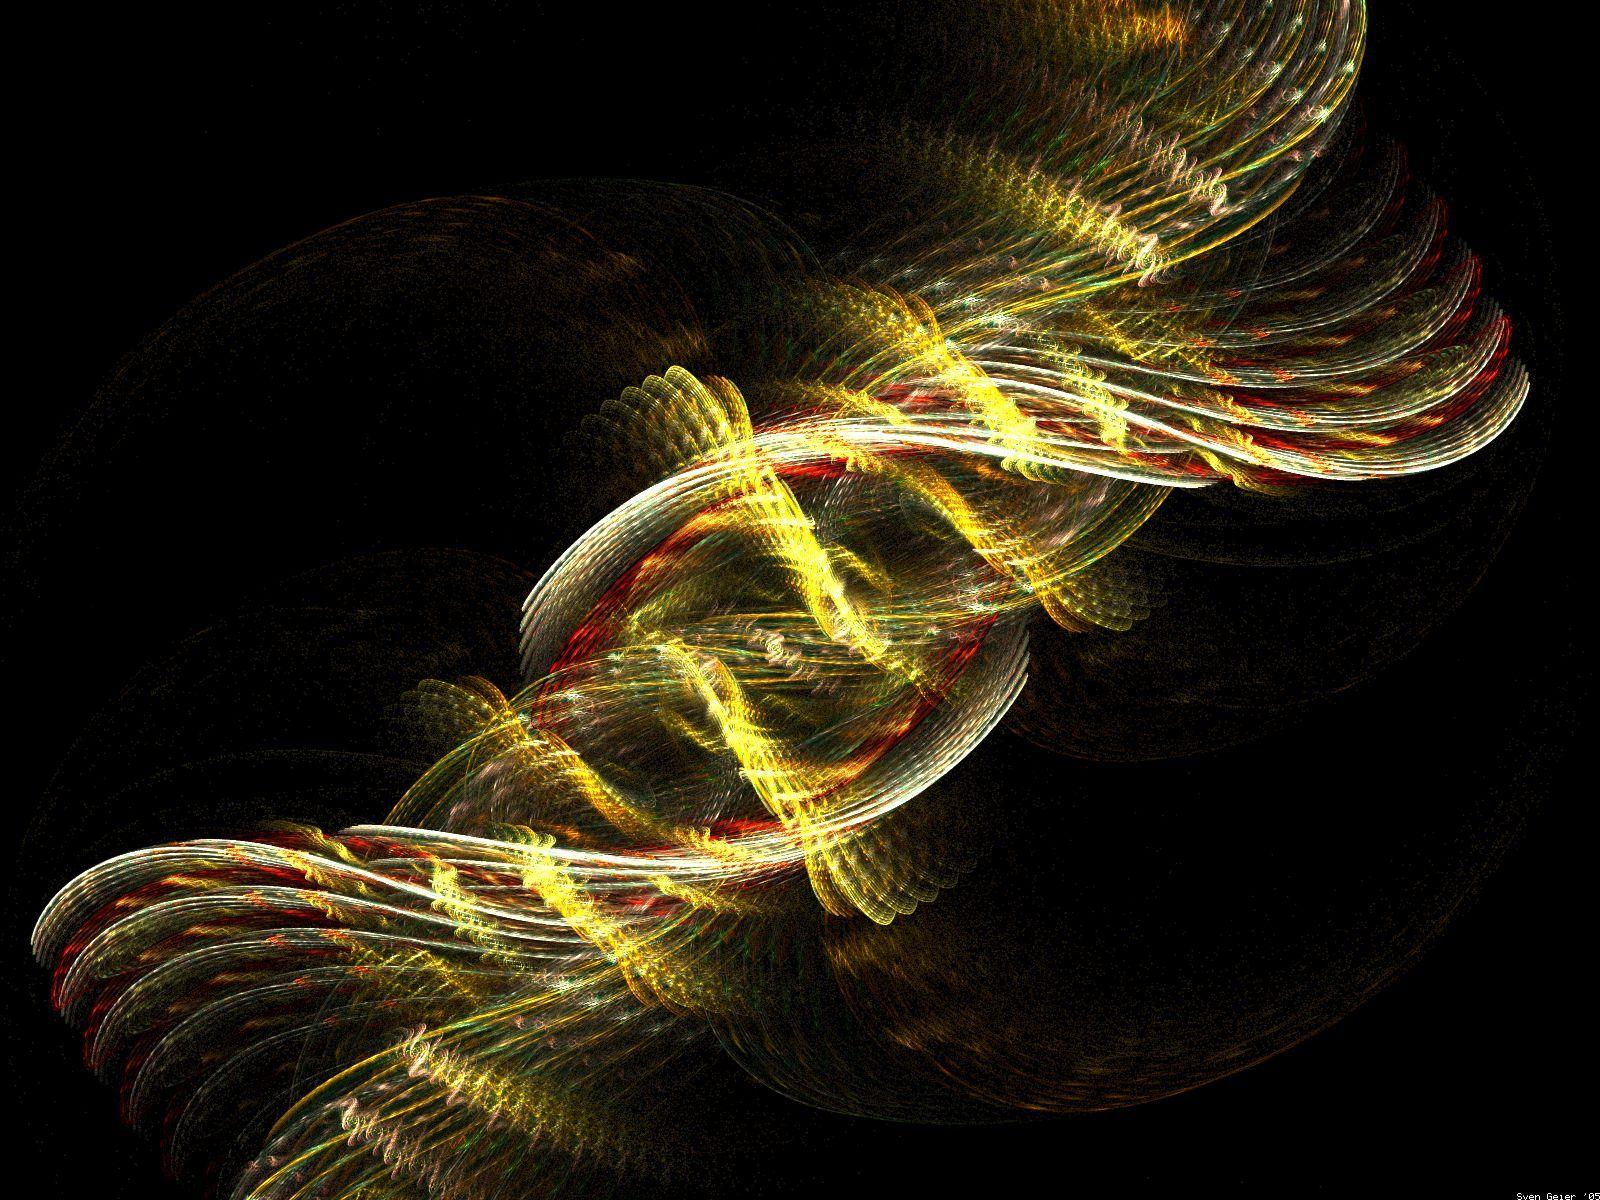 Nel DNA la risposta alle capacità PSI?